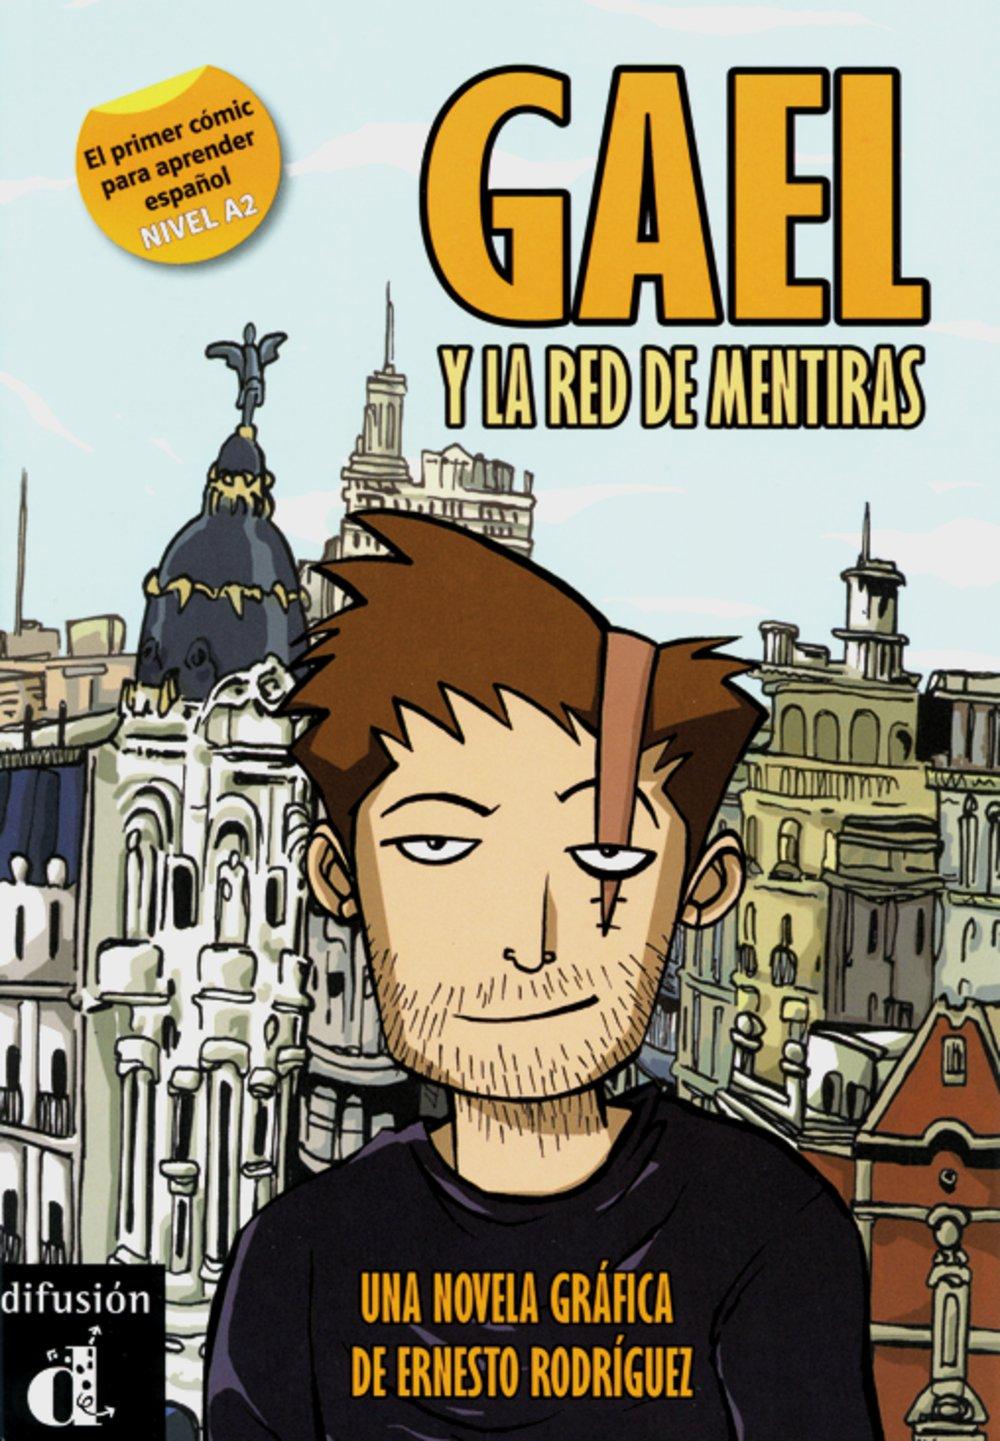 Gael y la red de mentiras: una novela gráfica A2. Comic